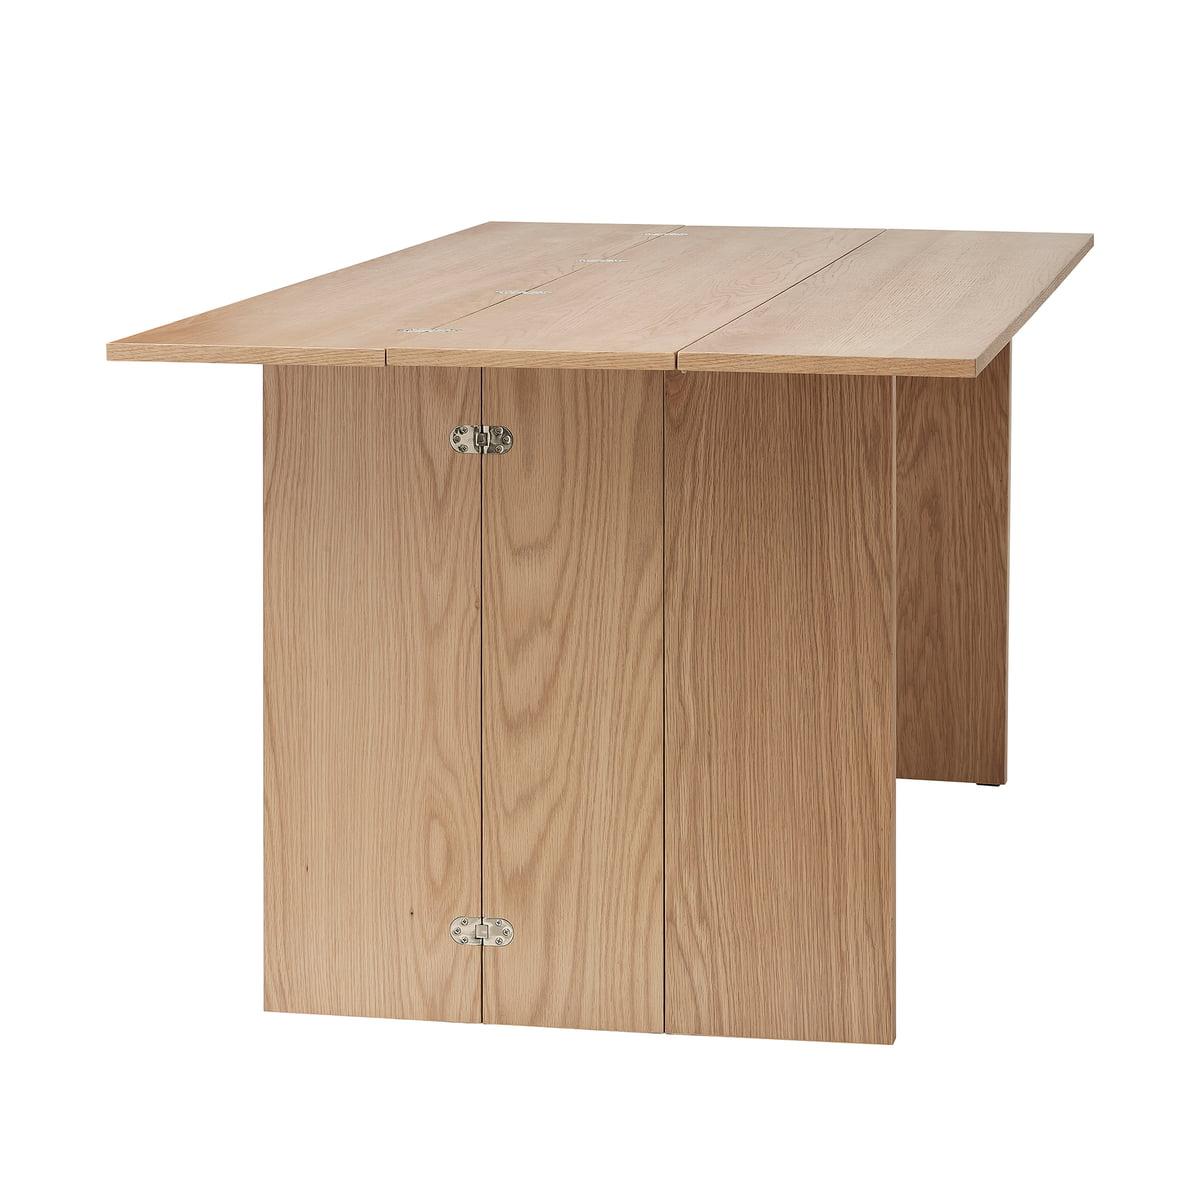 Flip Tisch Von Design House Stockholm Connox